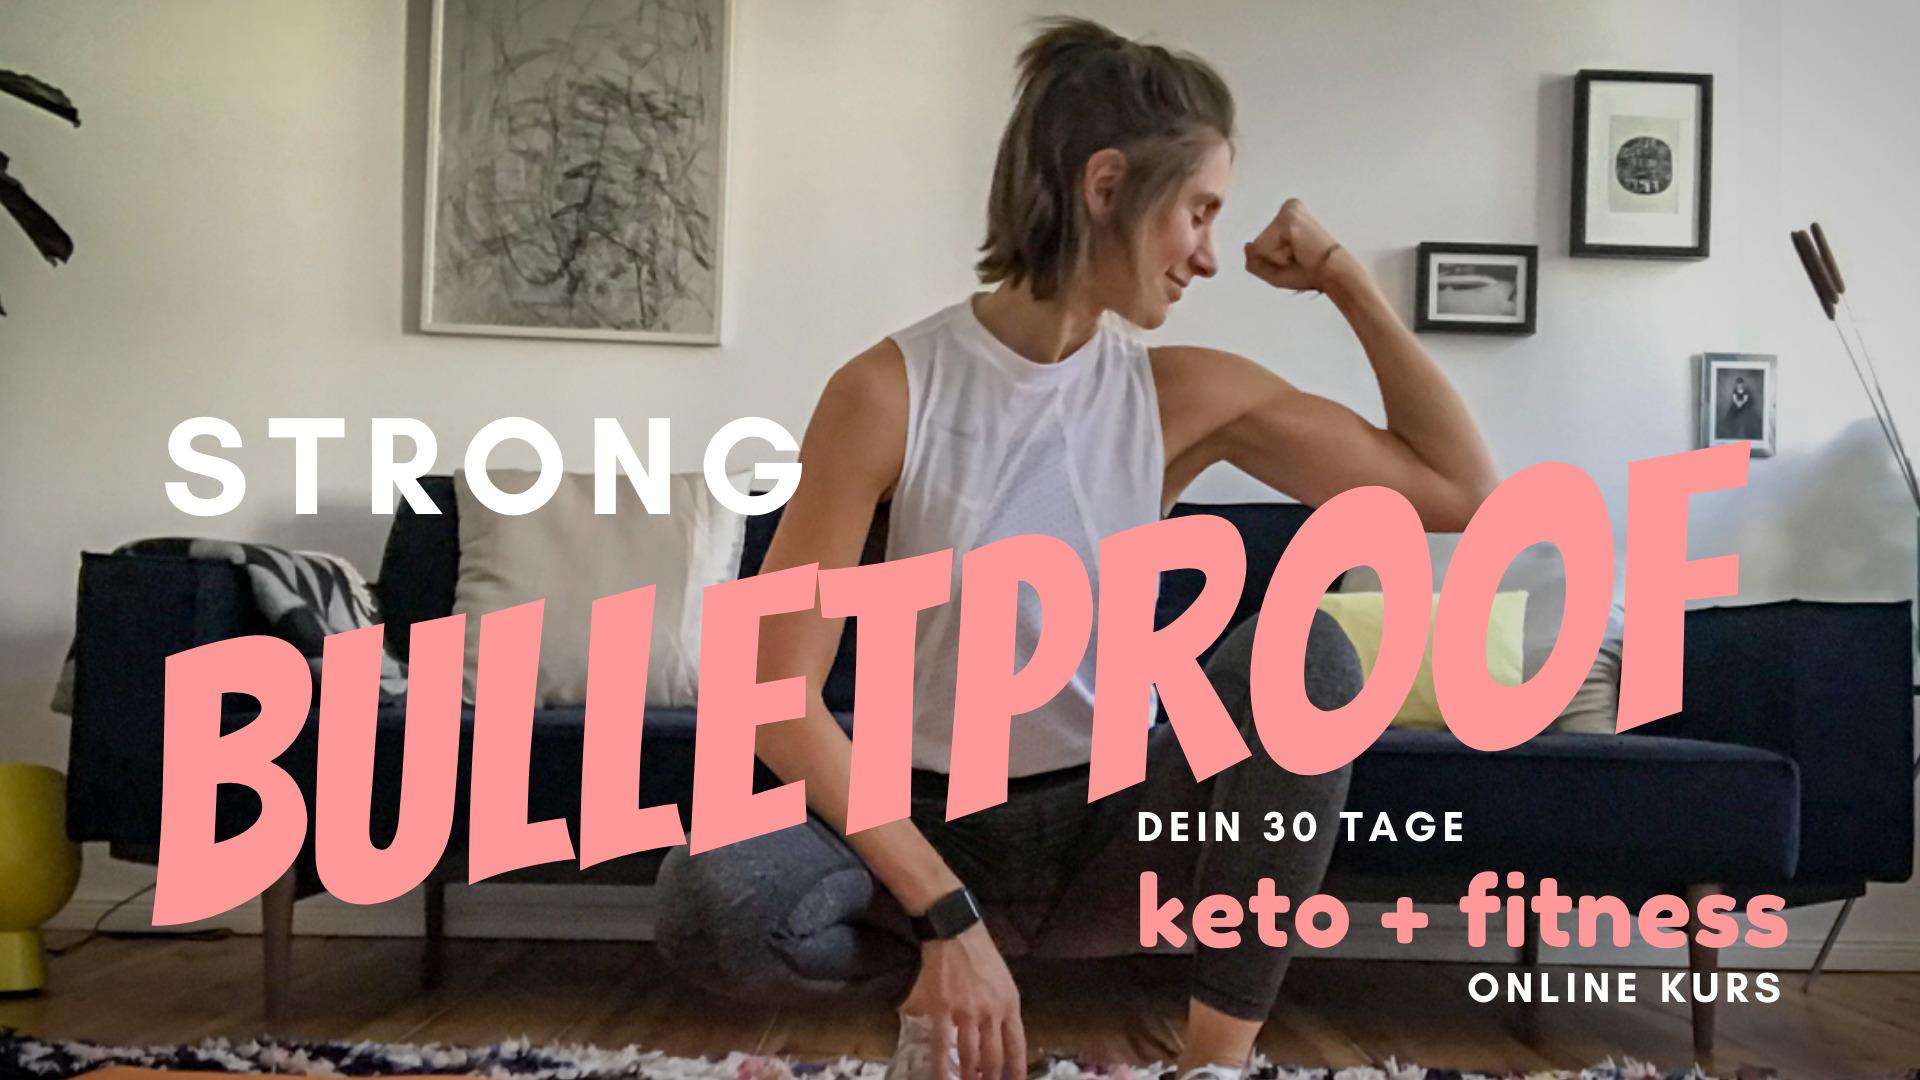 Fitness & Ernährungs- Online Kurs STRONG BULLETPROOF